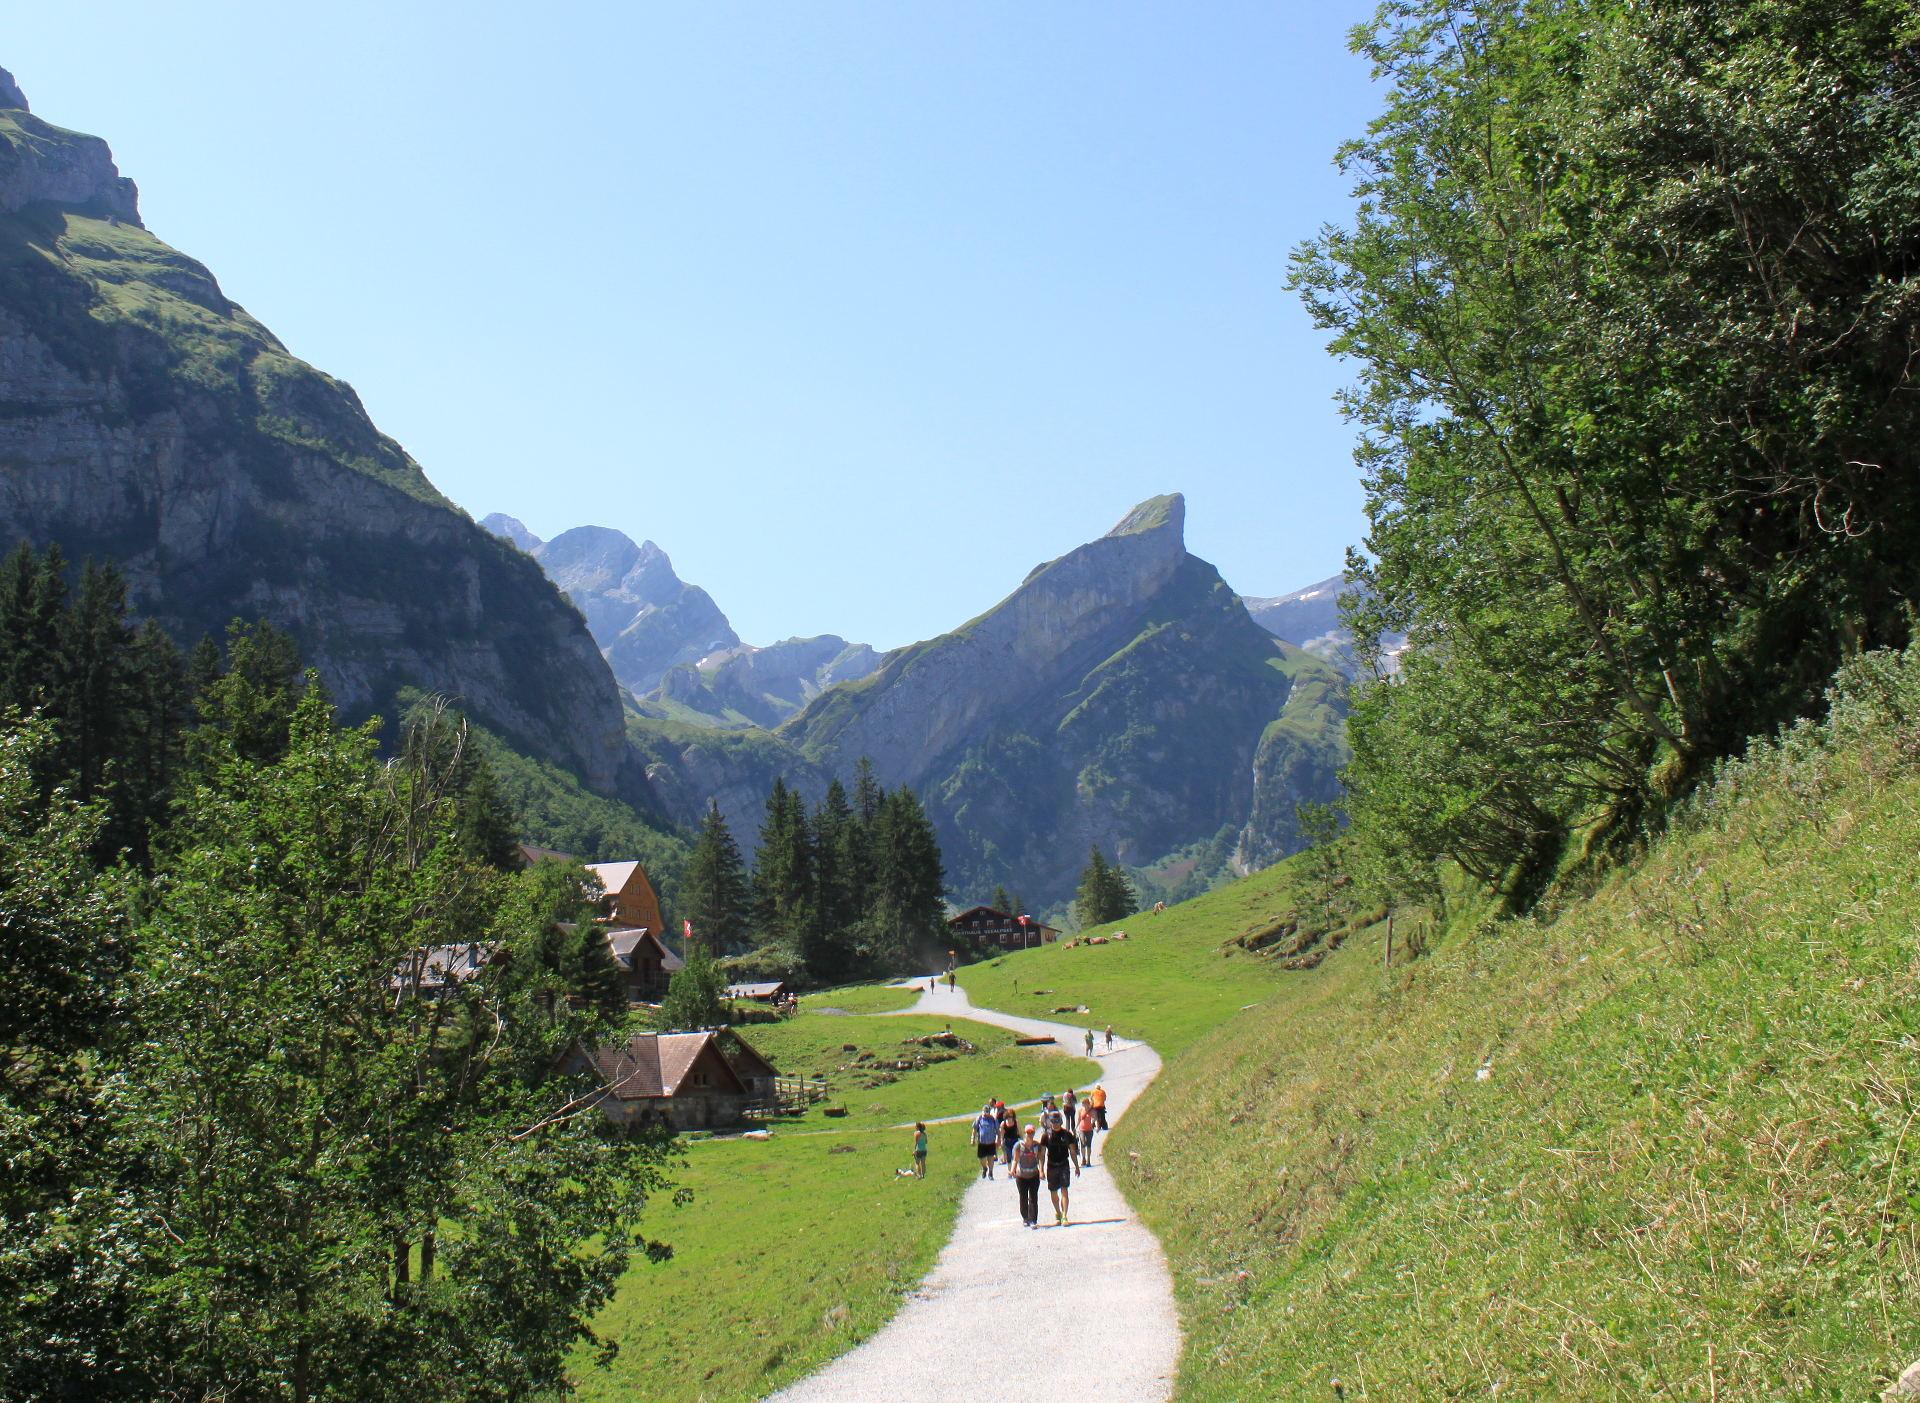 szwajcaria alpy szlak natura iglawpodrozy